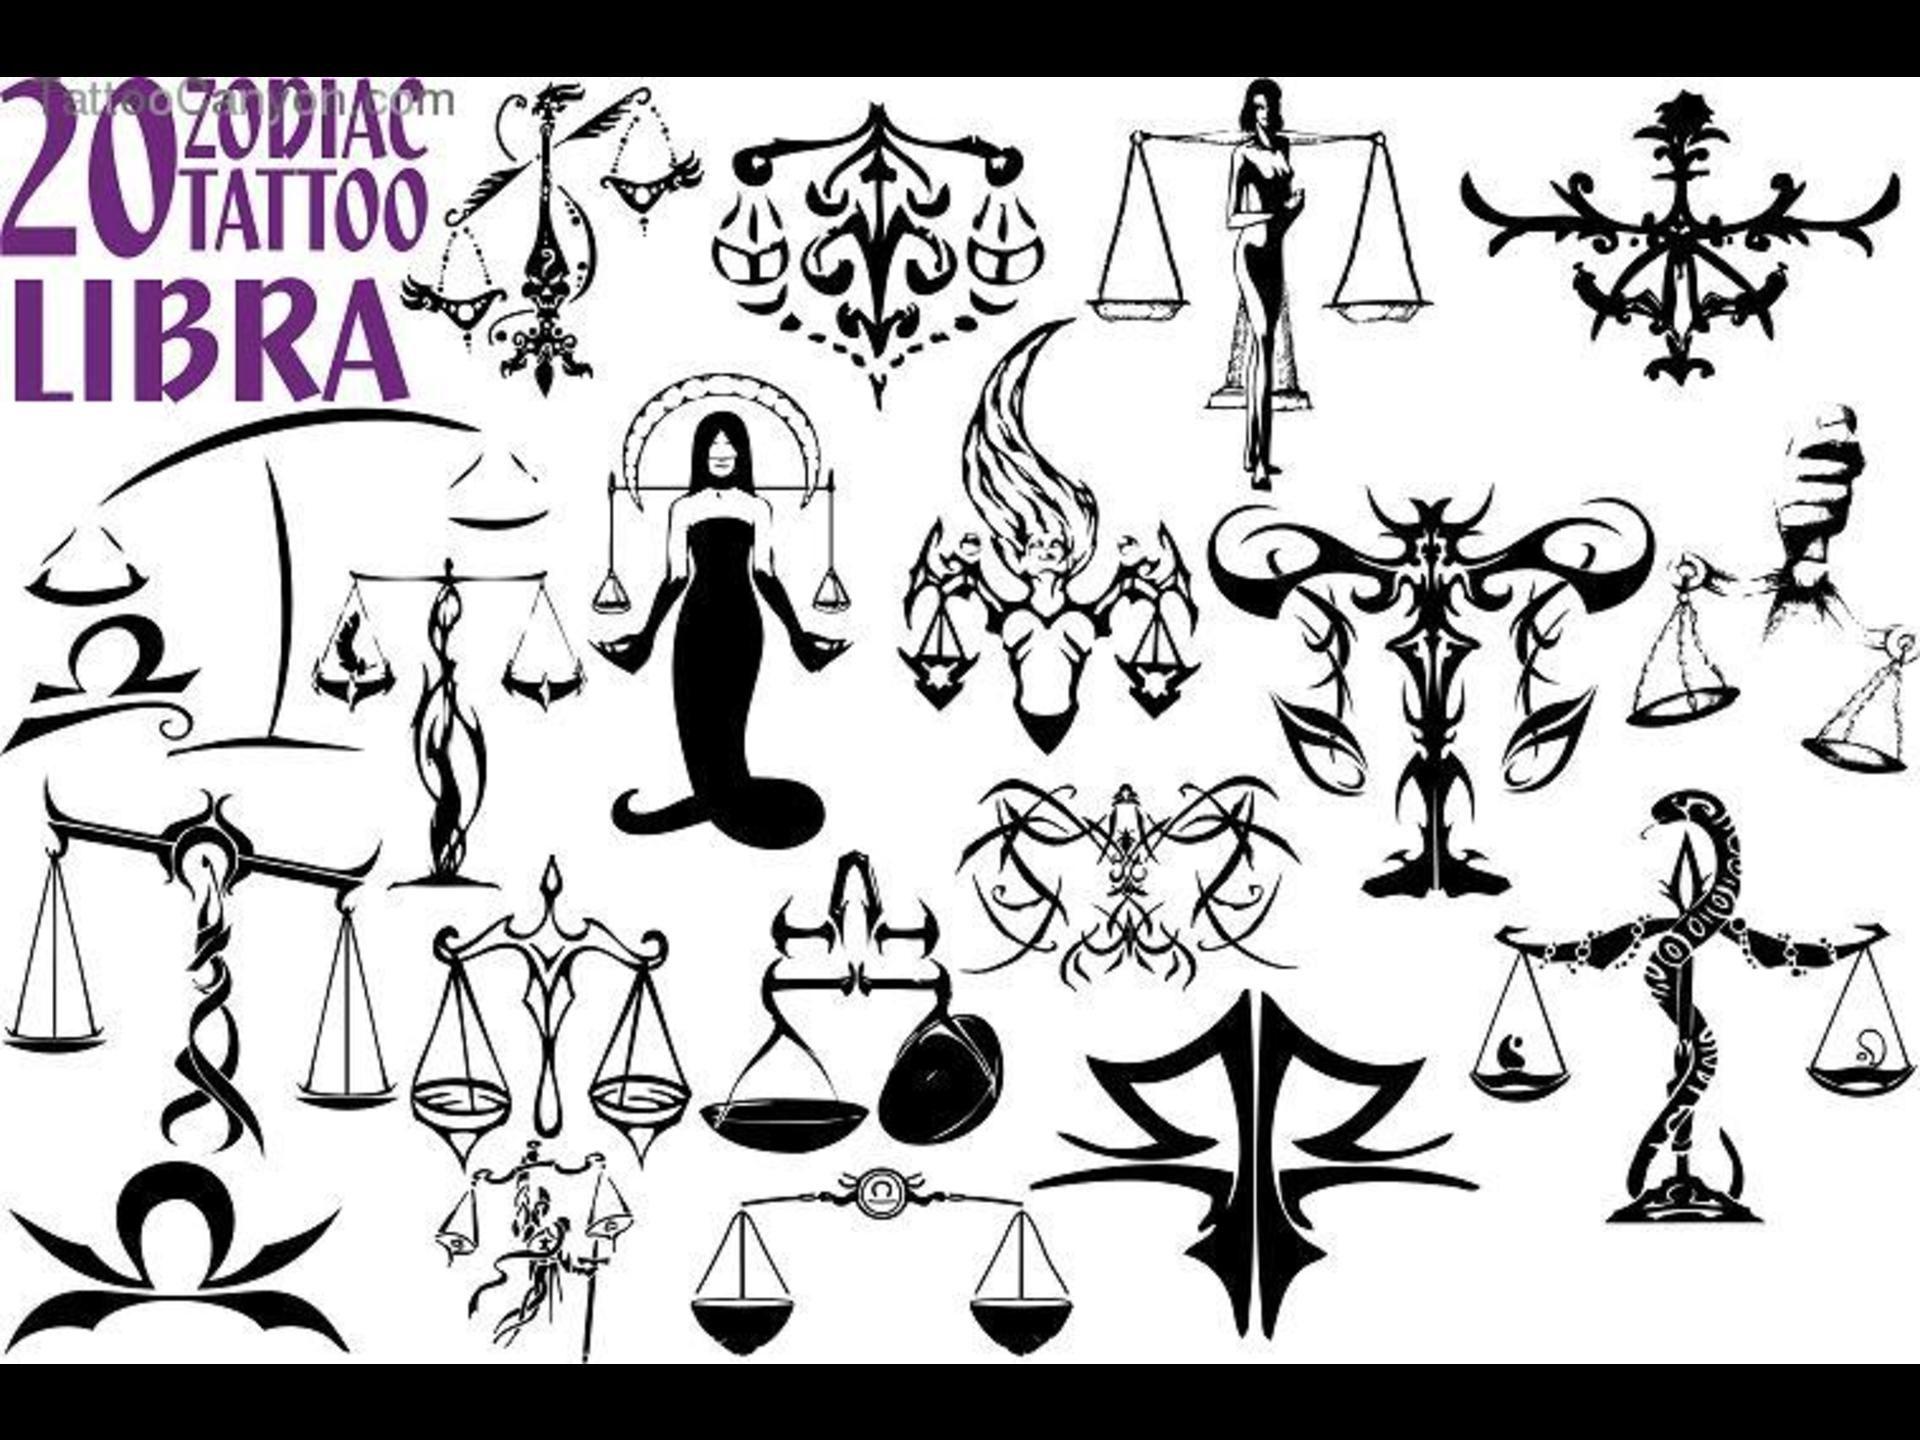 Libra Animal Latest 20 Zodiac Libra Tattoo Designs Tattooshunt Com Tatoeage Ideeen Sterrenbeeld Tribal